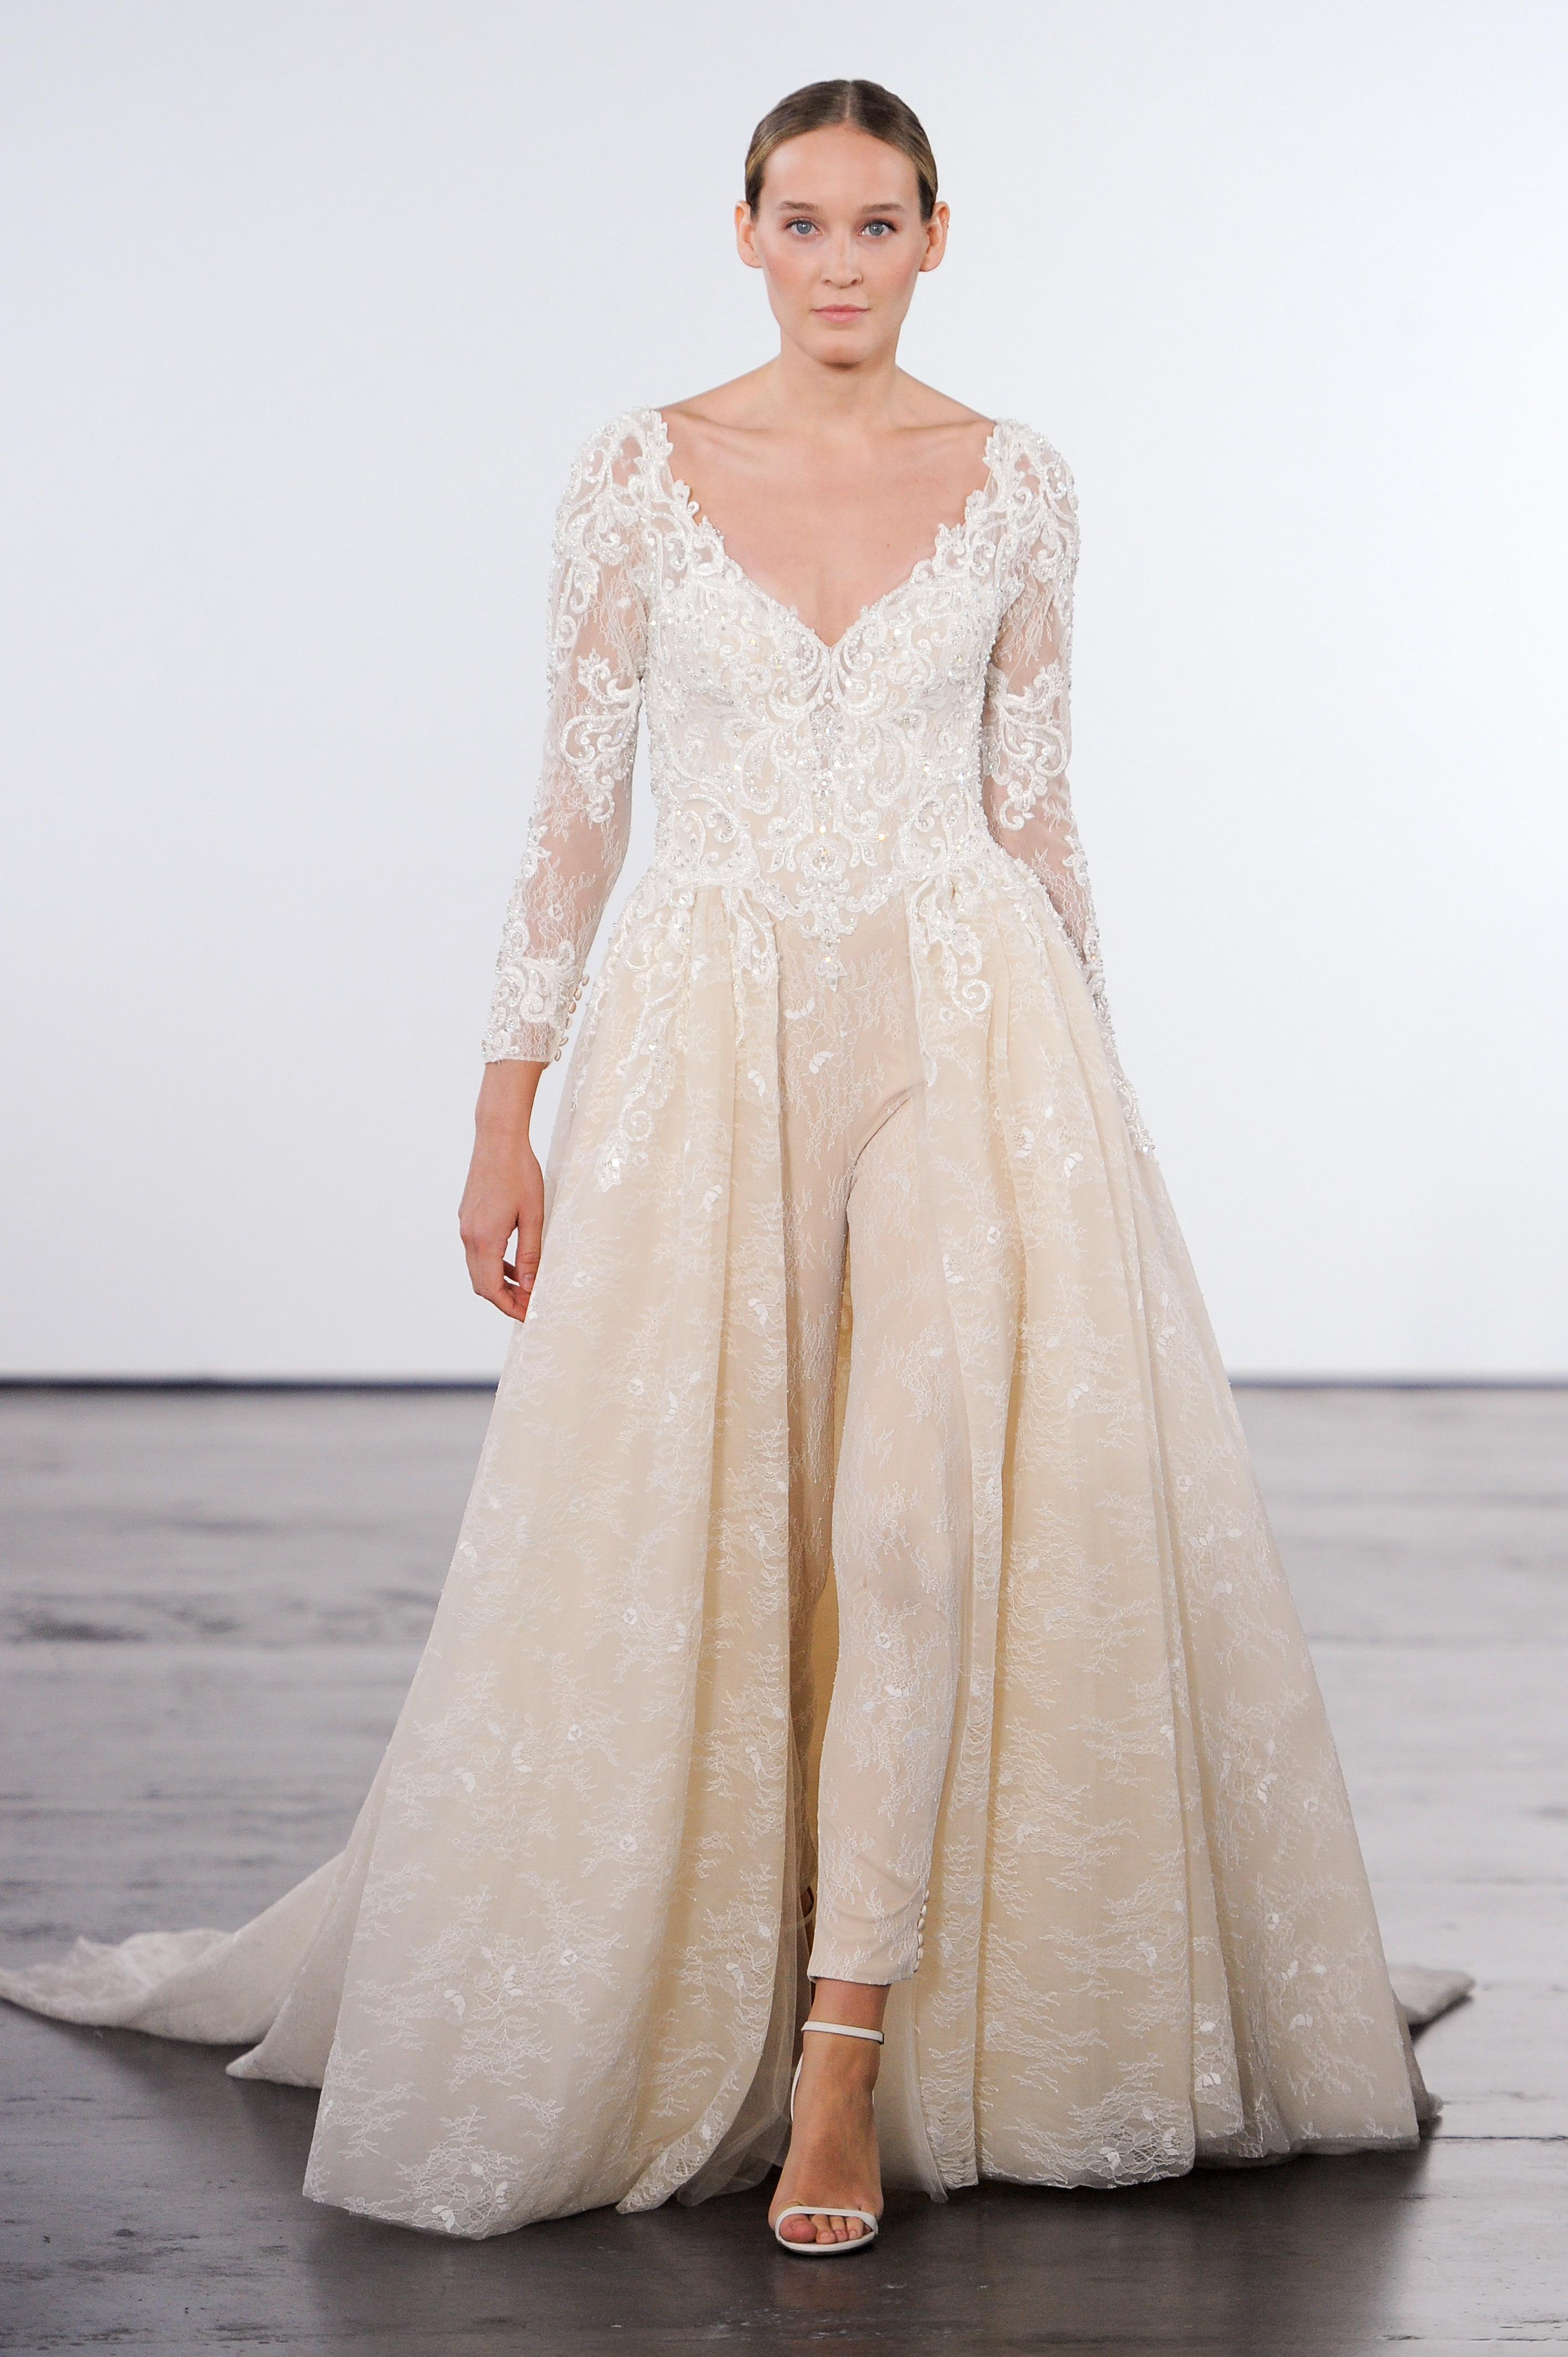 dennis basso wedding dress fall 2018 v-neck